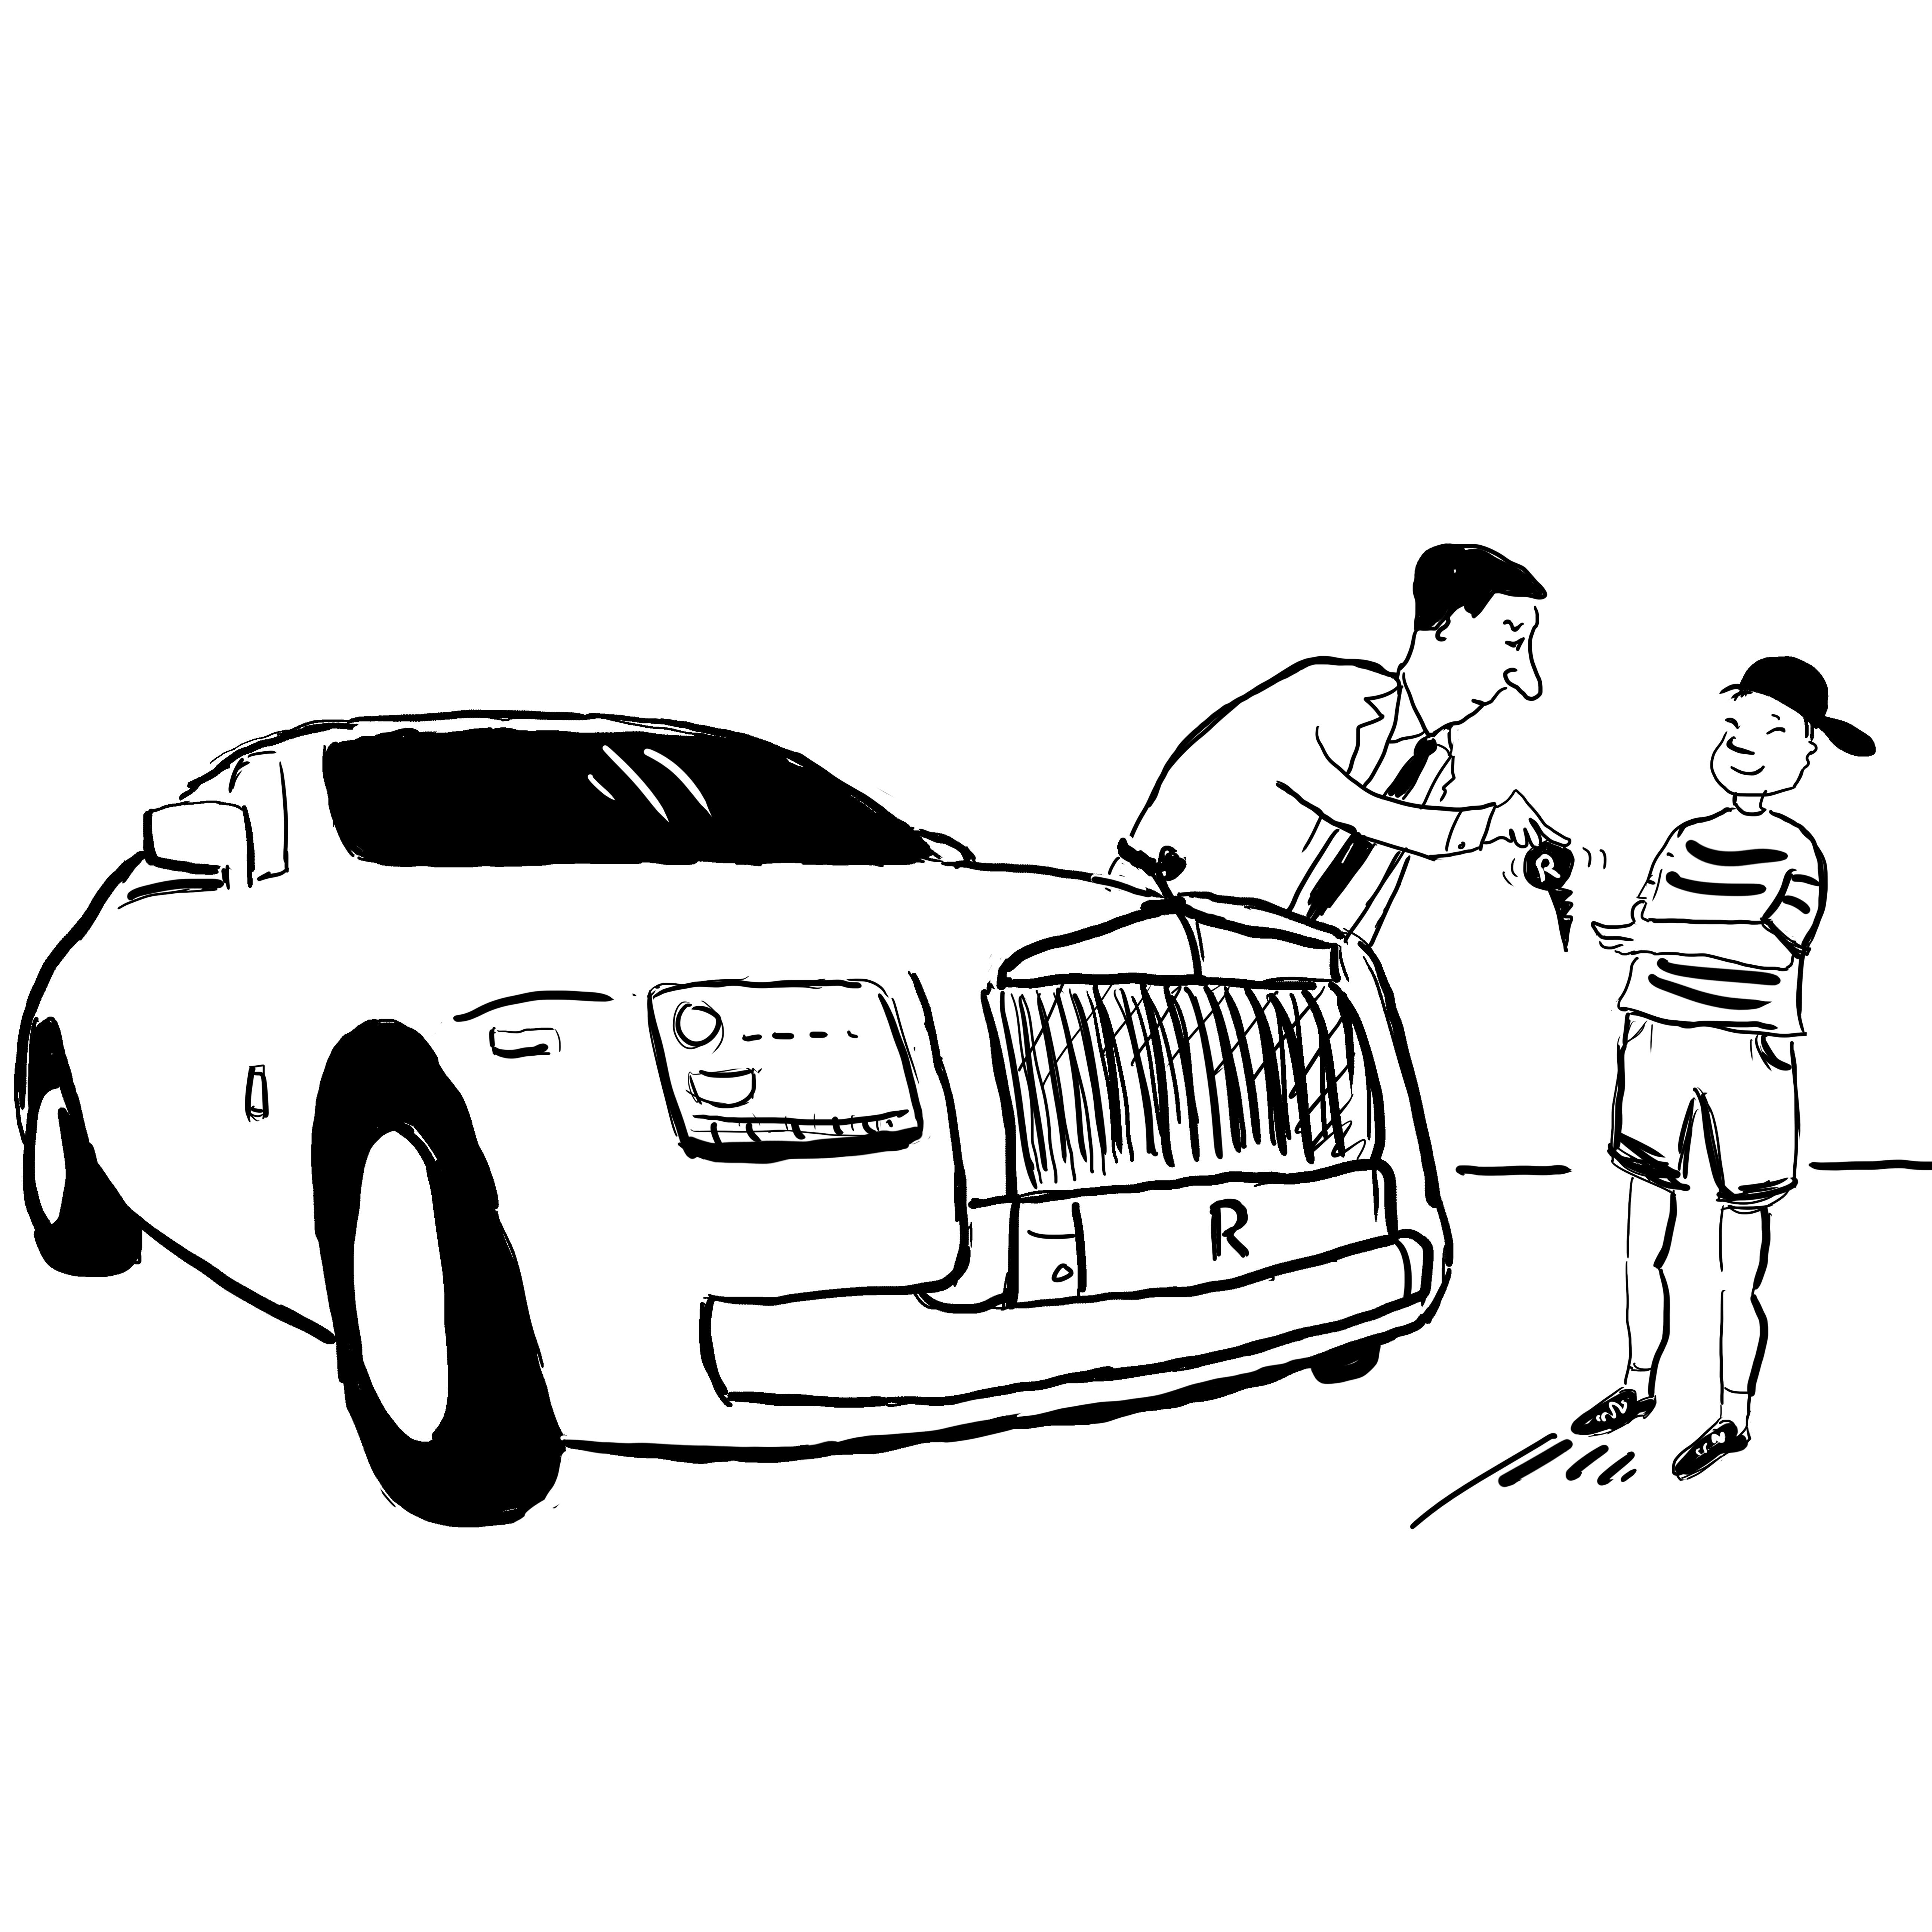 Royce on a Roll…